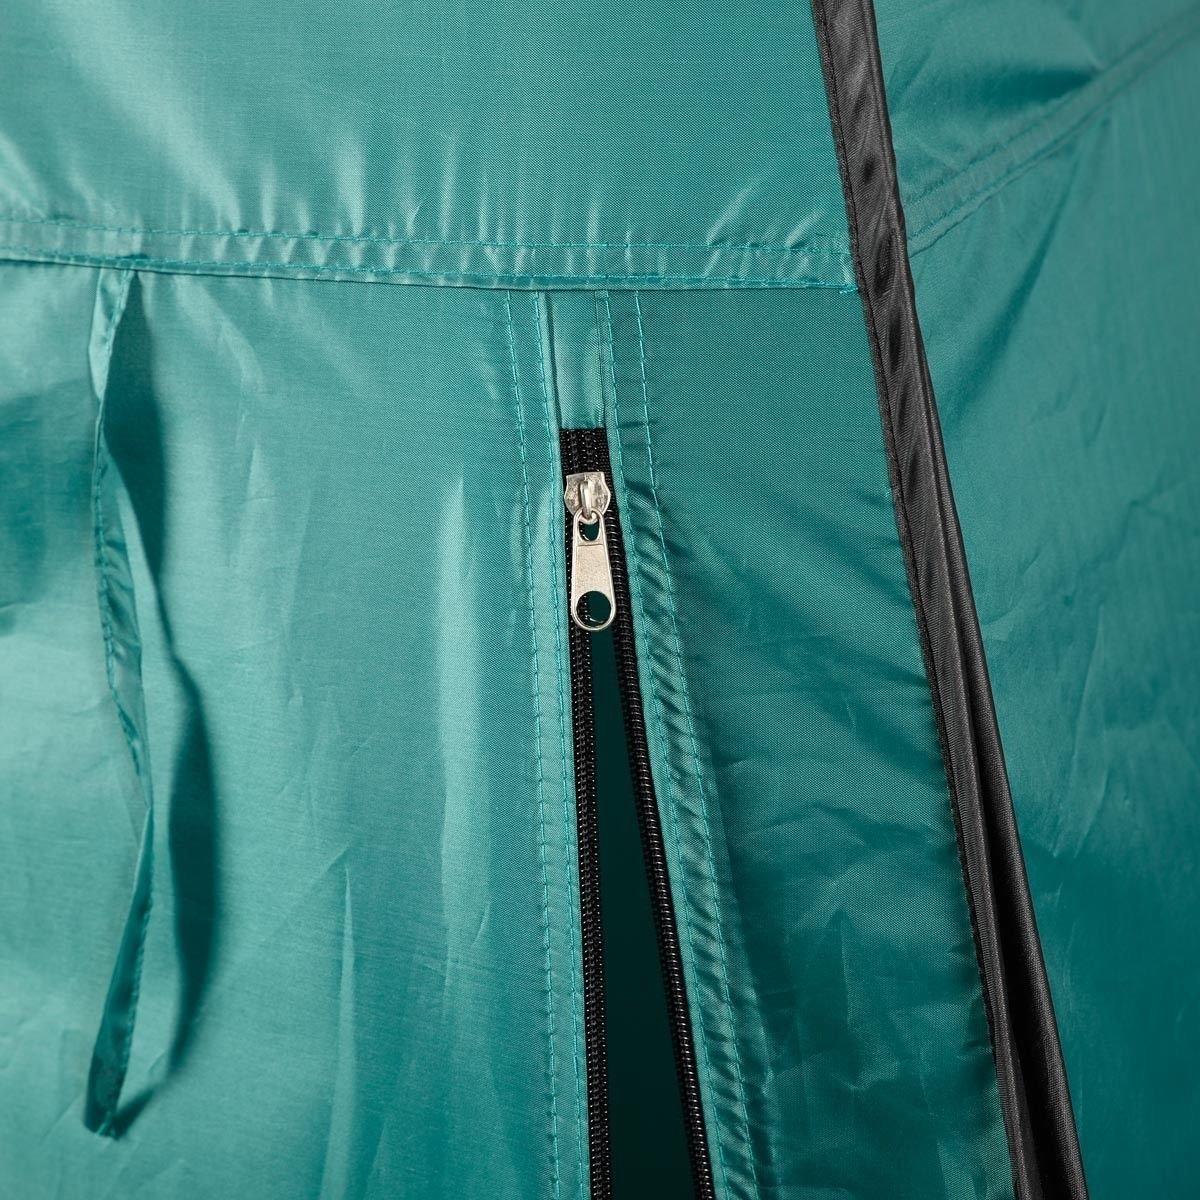 Generic NV_1008000885_YC-US2 GreenFis Toilet Changing Bathi Portable Pop ilet Tent Camping ing T UP Fishing & Bathing ampin Room Green Portabl by Generic (Image #5)